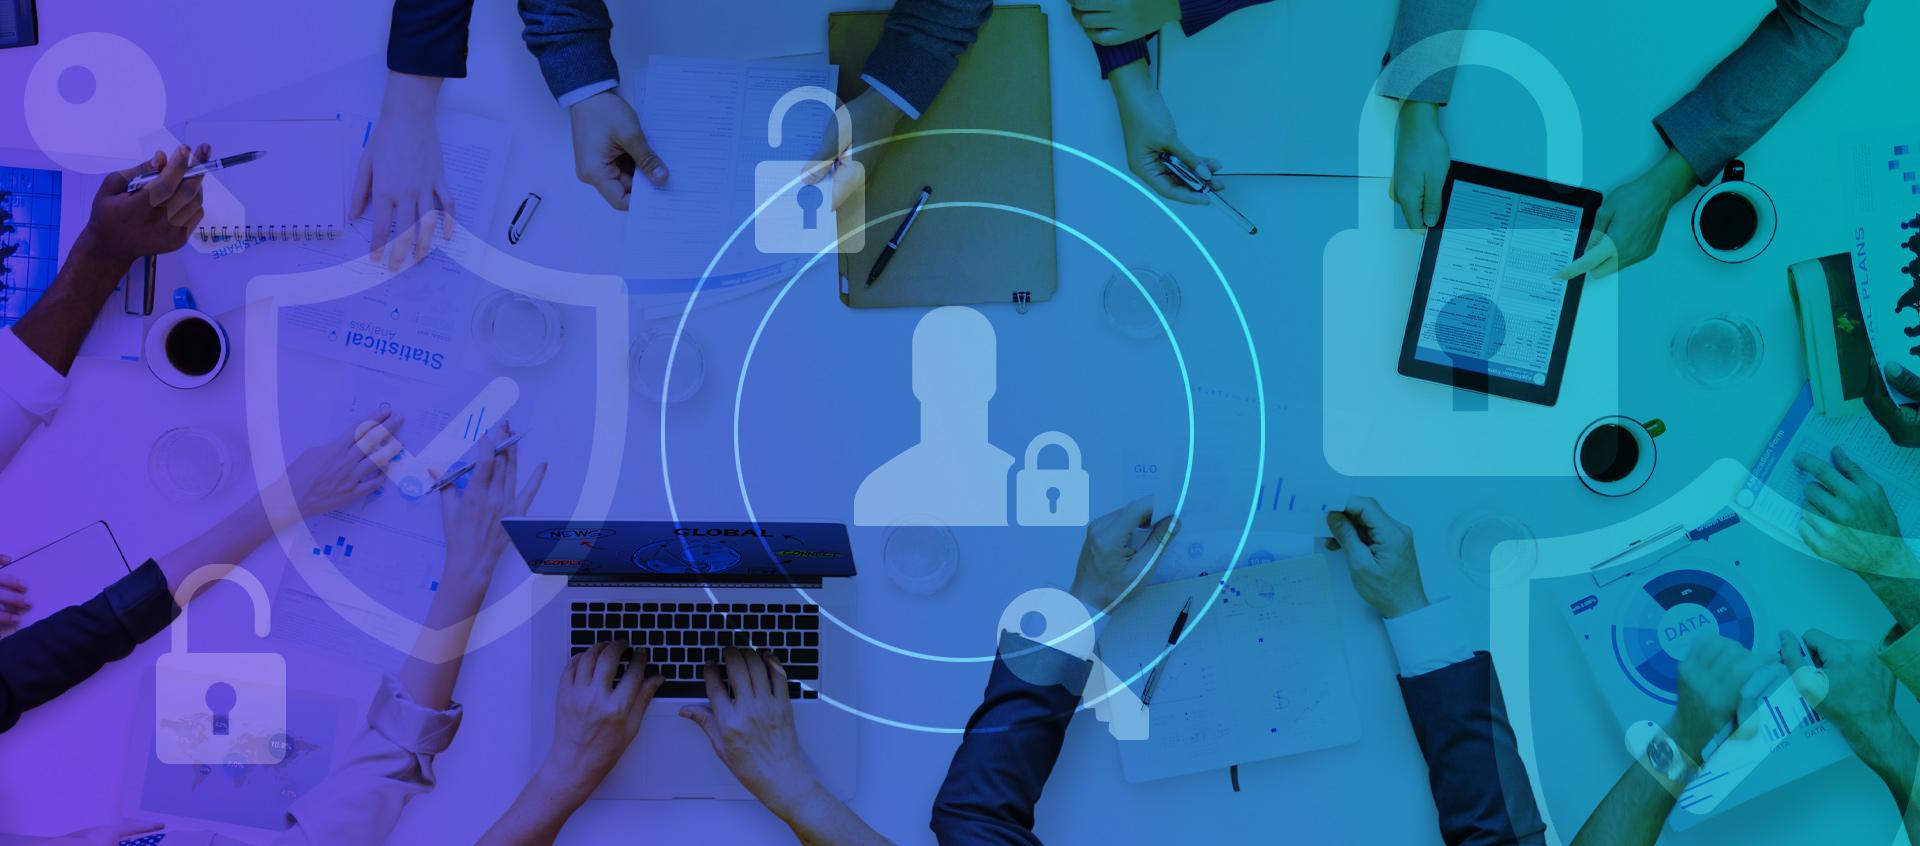 sistema de proteção de dados quidgest